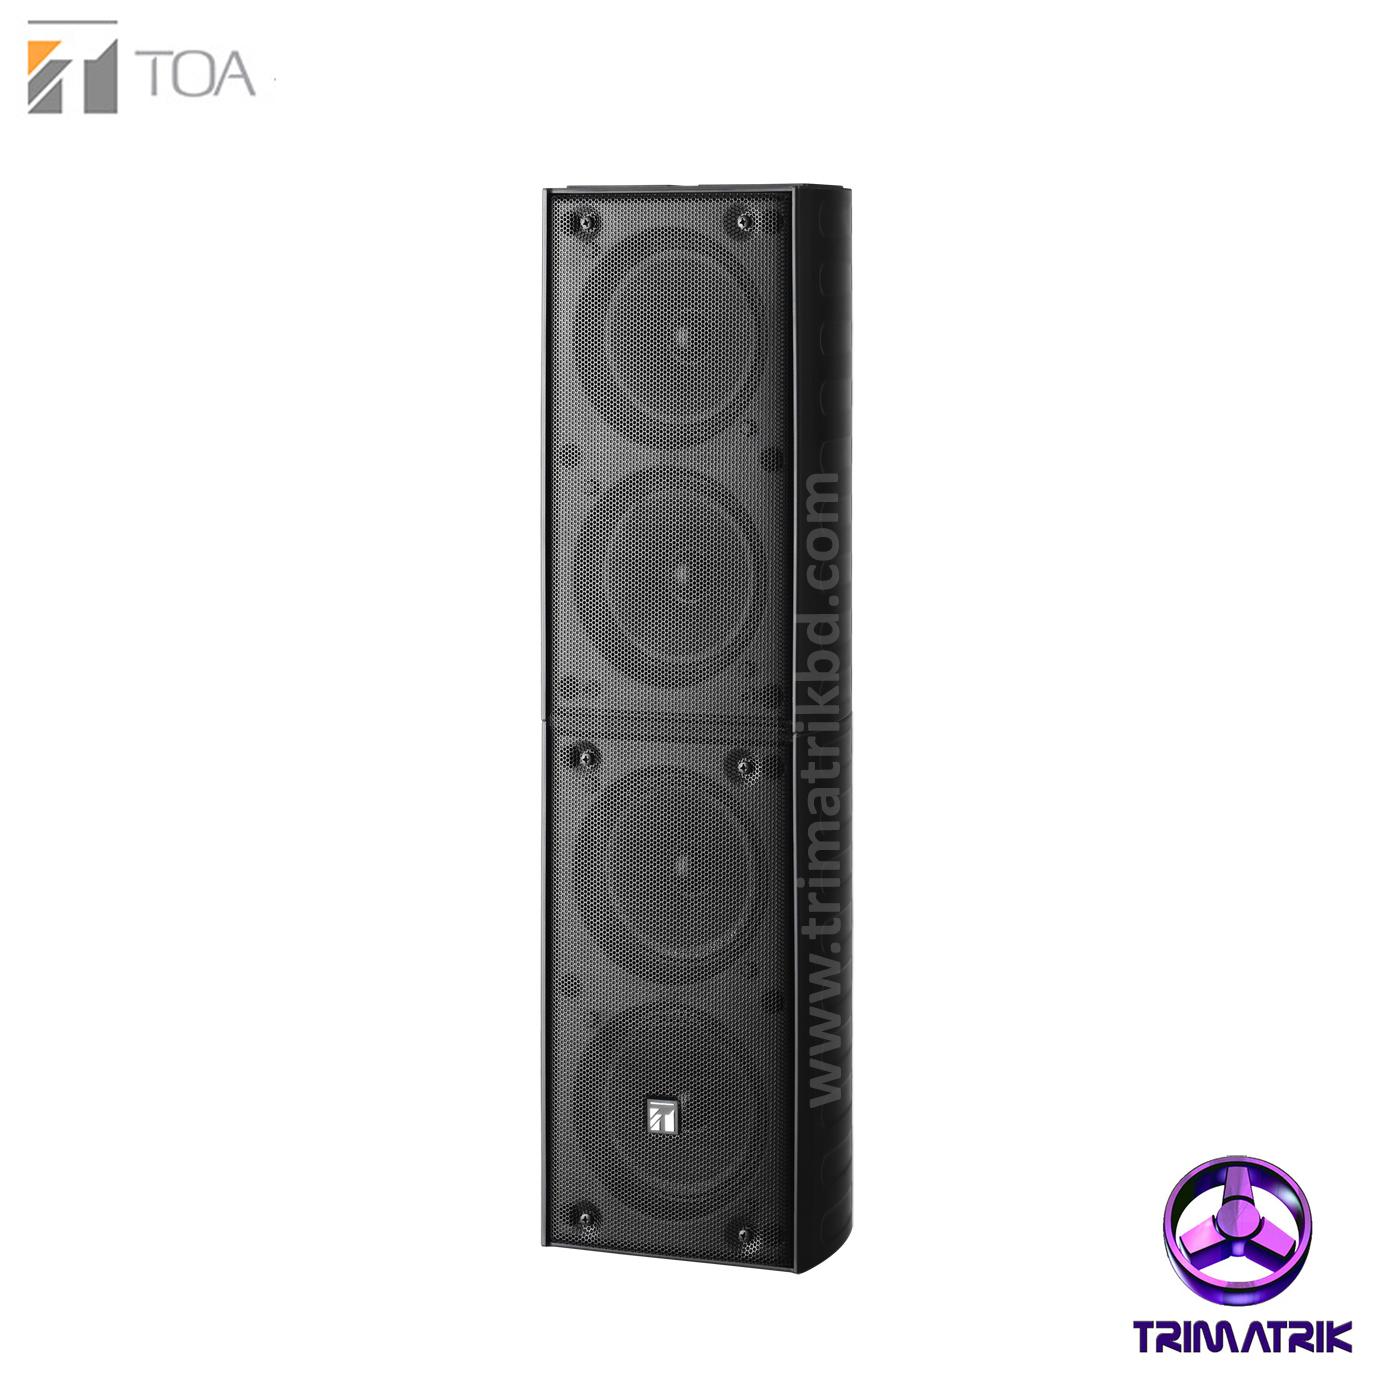 TOA TZ406B bd, distributor